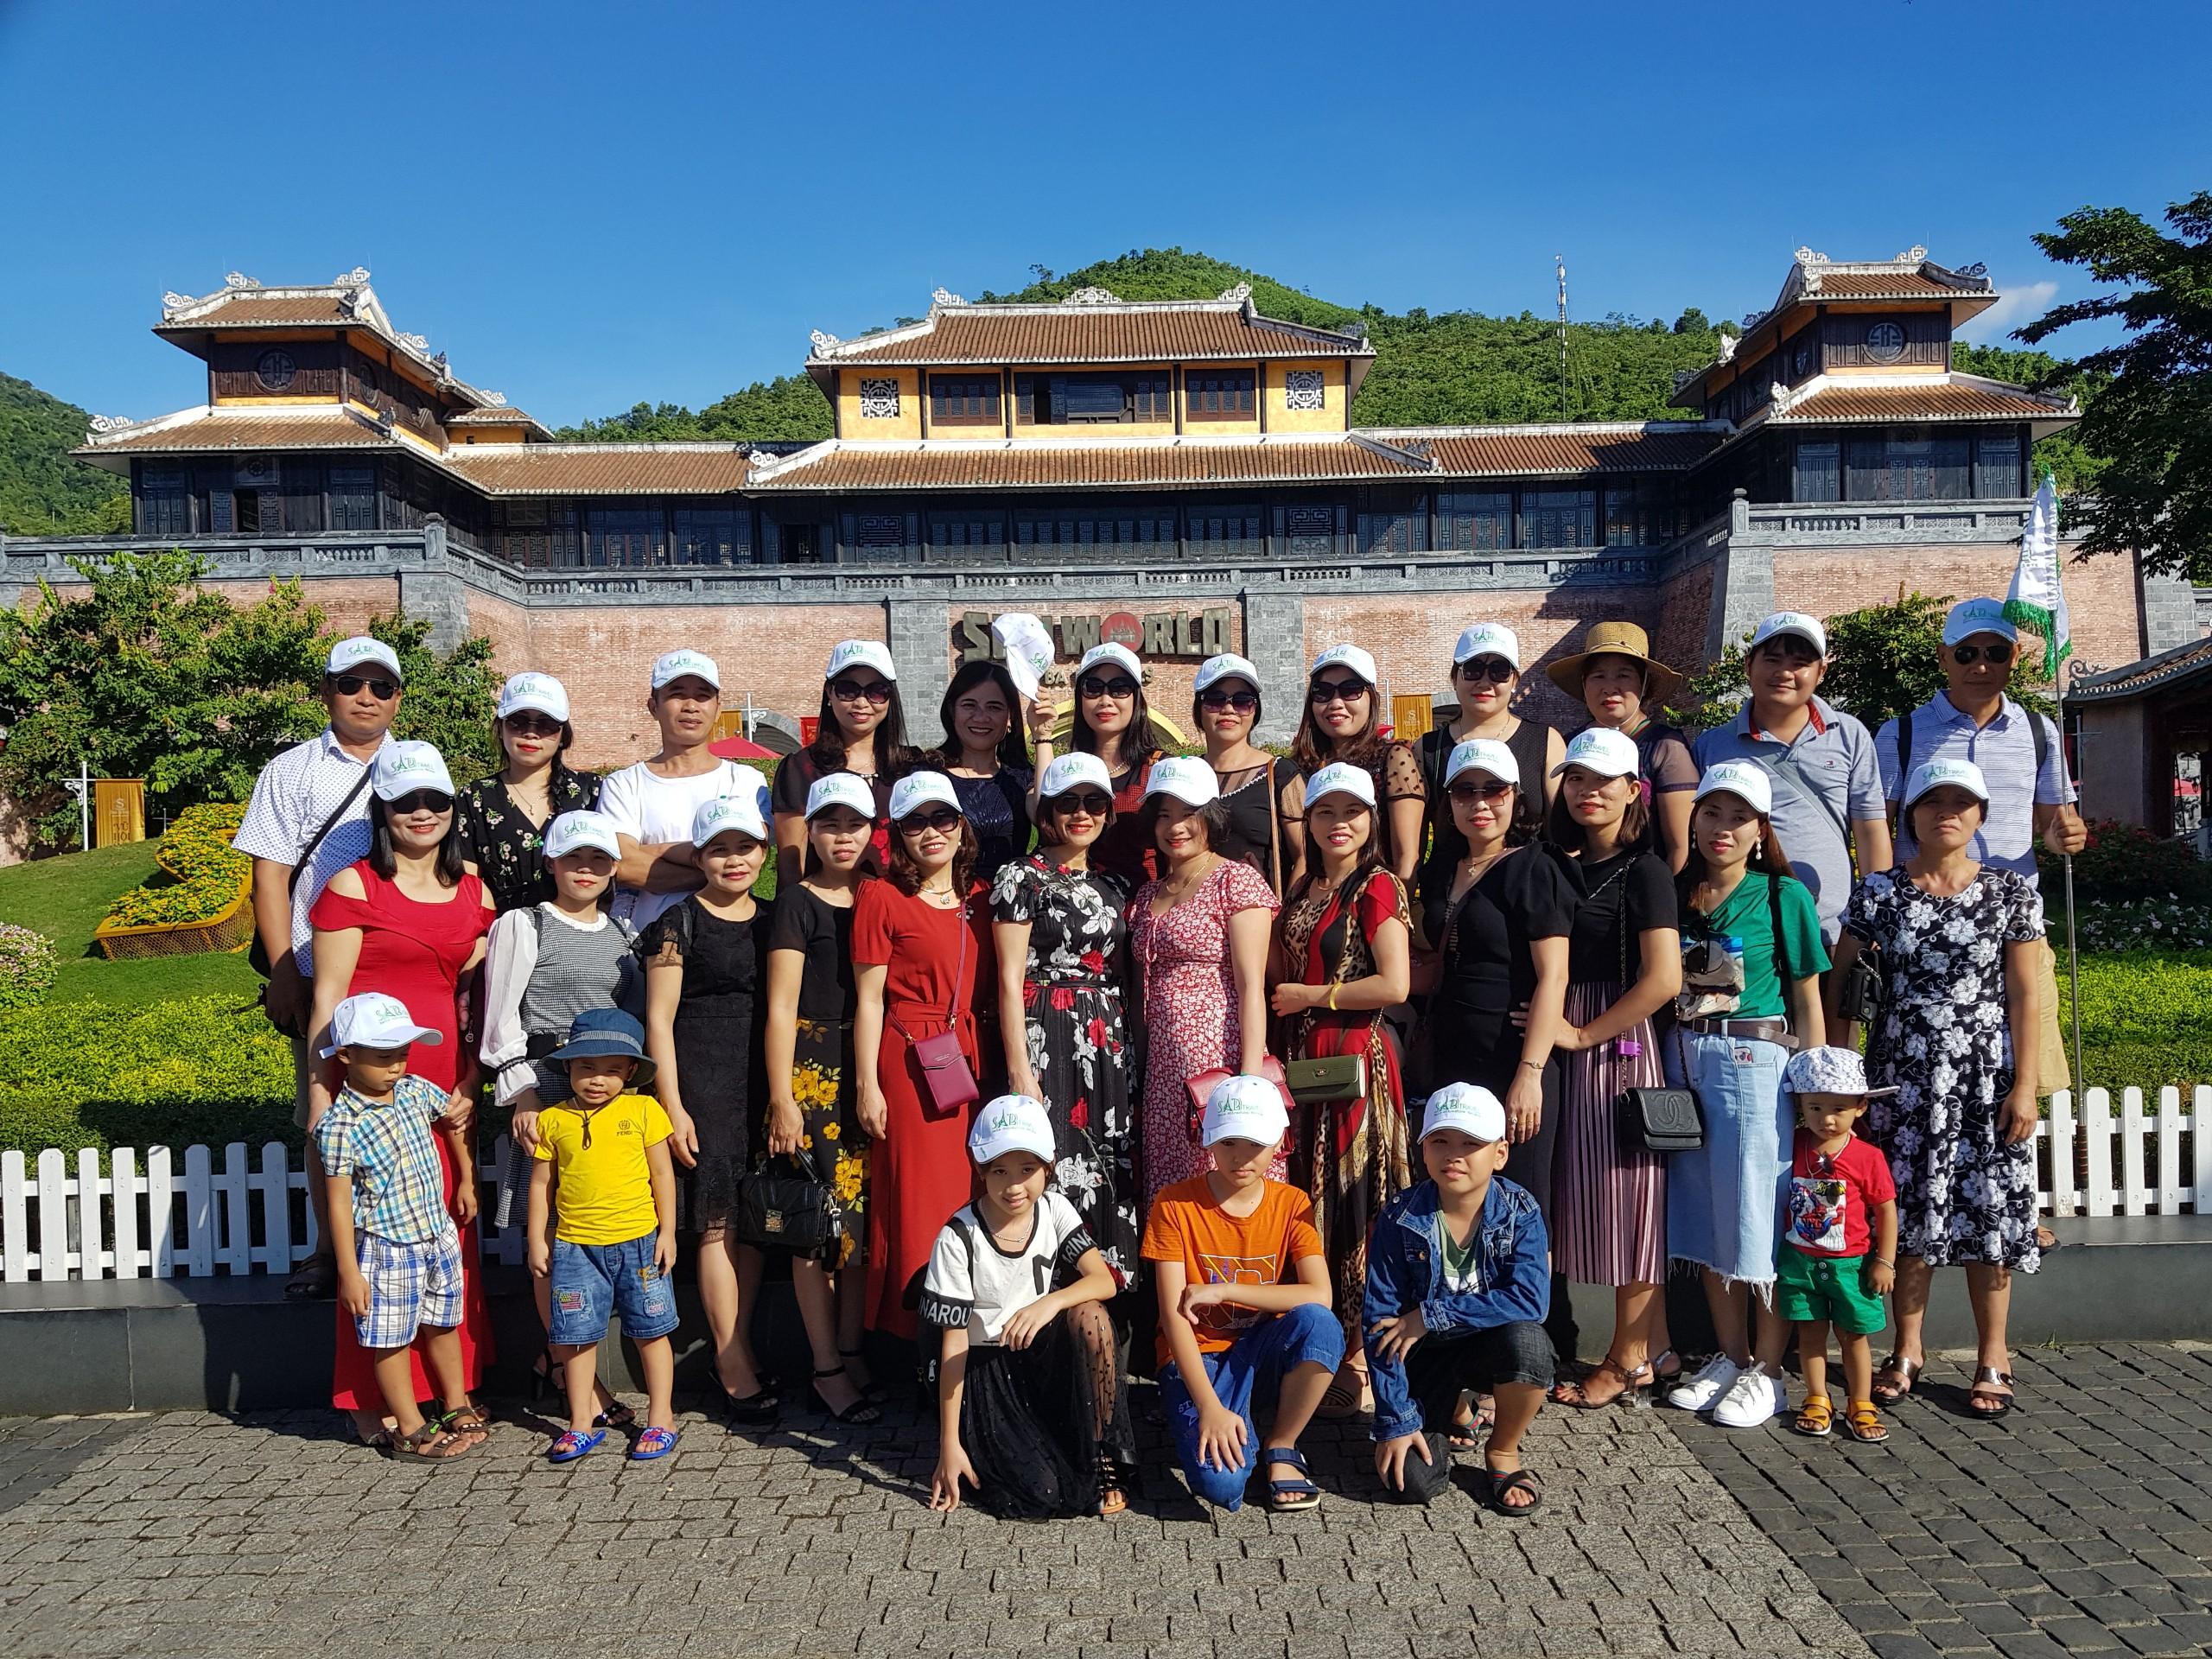 Đà nẵng cũng là một địa điểm du lịch được du khách ưa thích